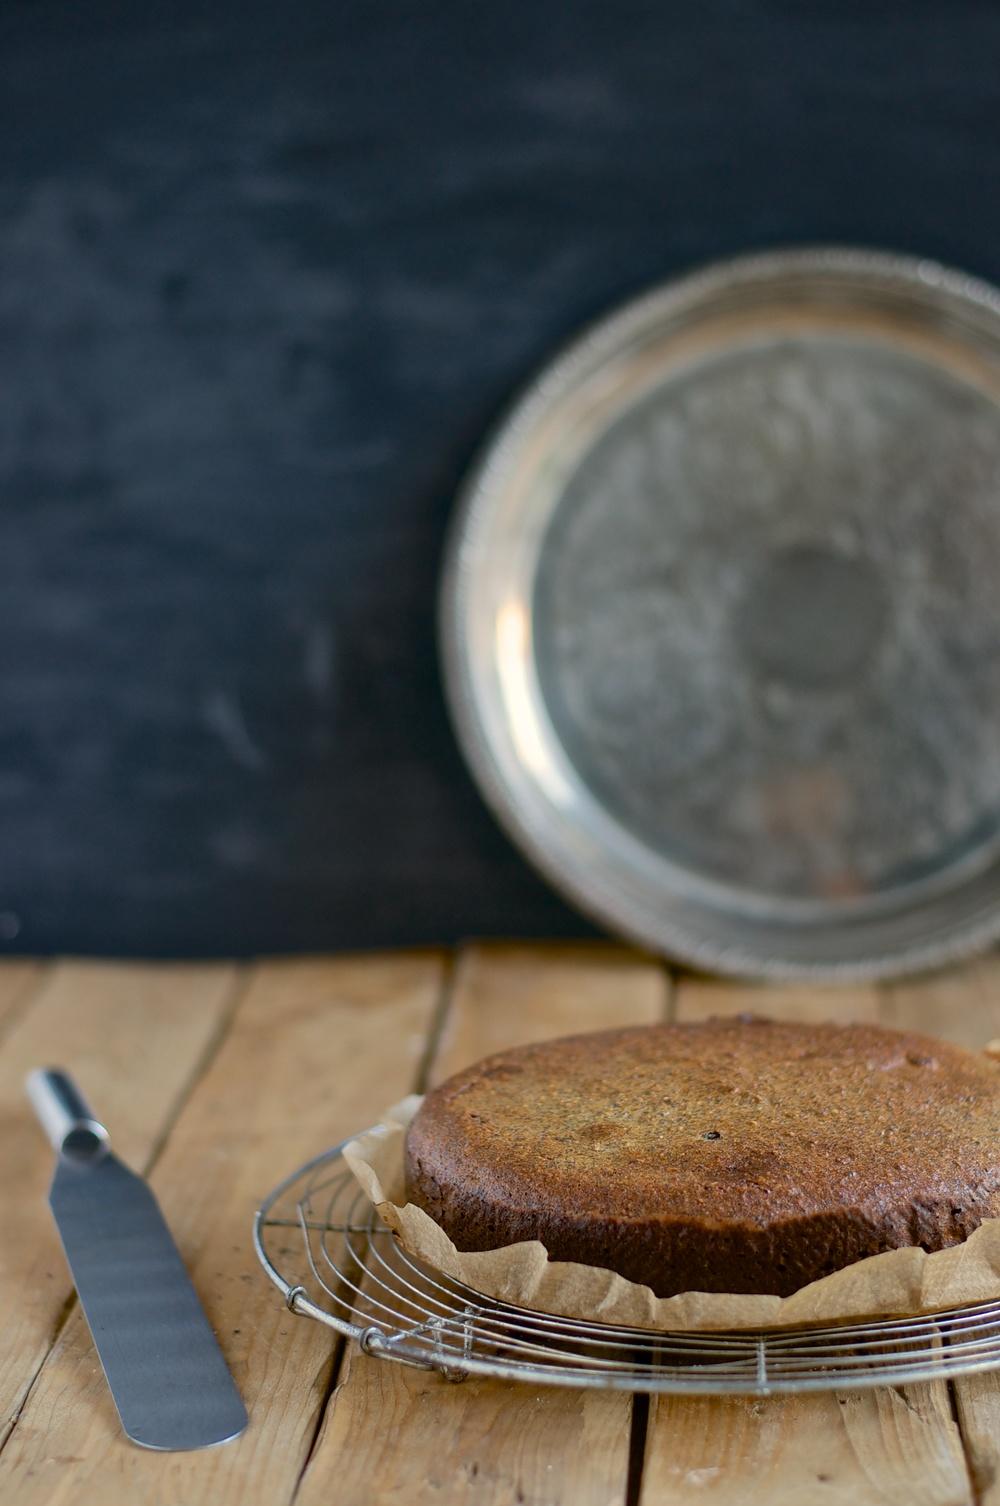 Poppyseed Hazelnut Cake with Chocolate Coating (gluten free) - Kitchen Hoopla